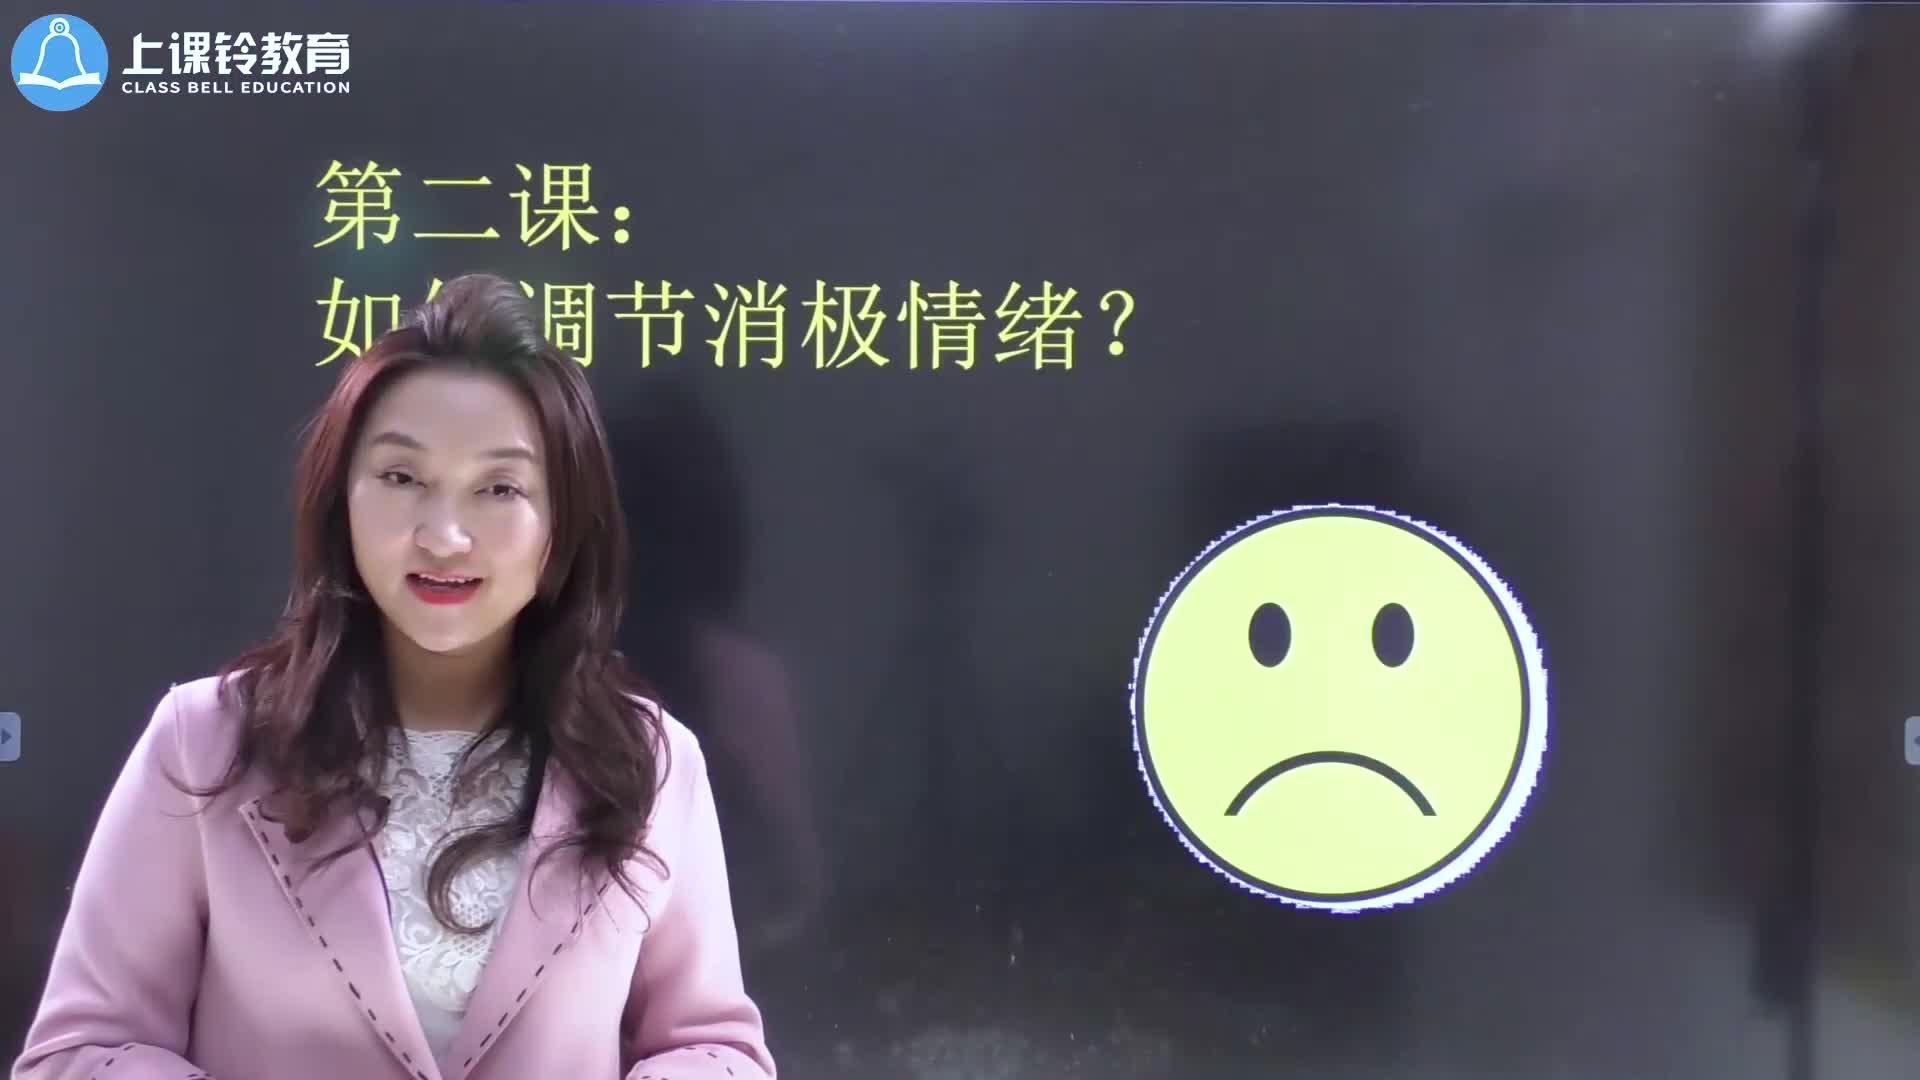 【微课视频】2. 如何调节消极情绪?【十堂心理辅导课,高考多飙50分】